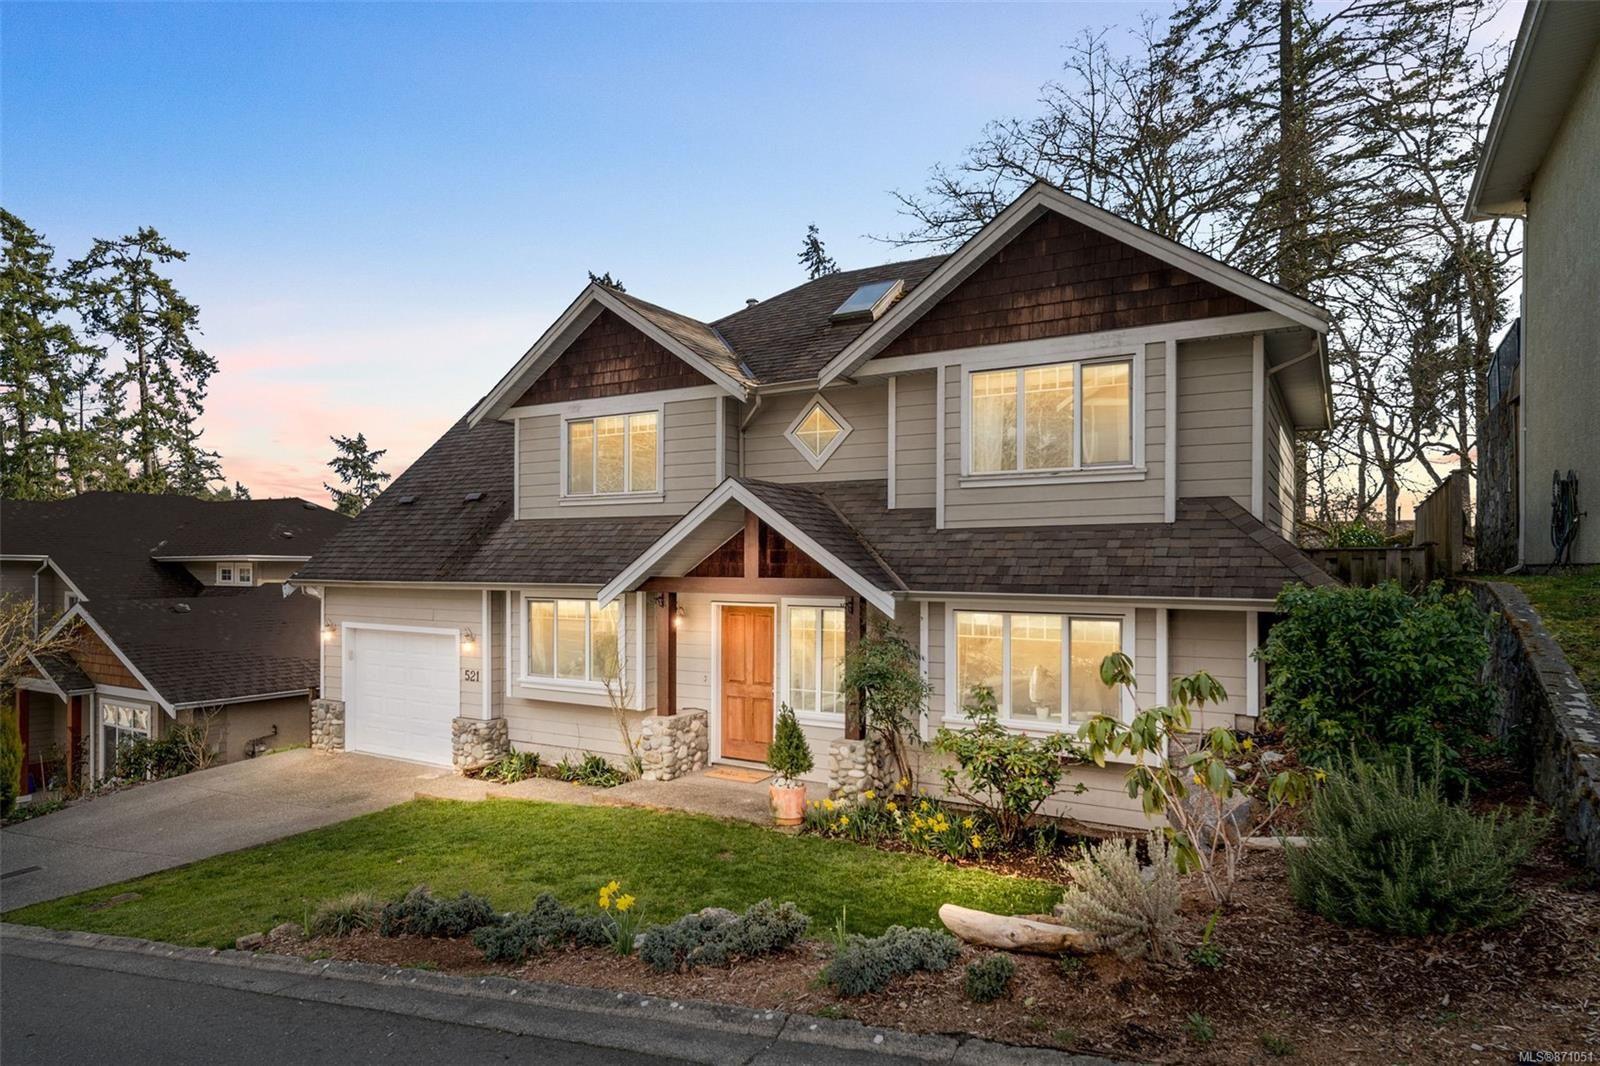 Photo 33: Photos: 521 Selwyn Oaks Pl in : La Mill Hill House for sale (Langford)  : MLS®# 871051